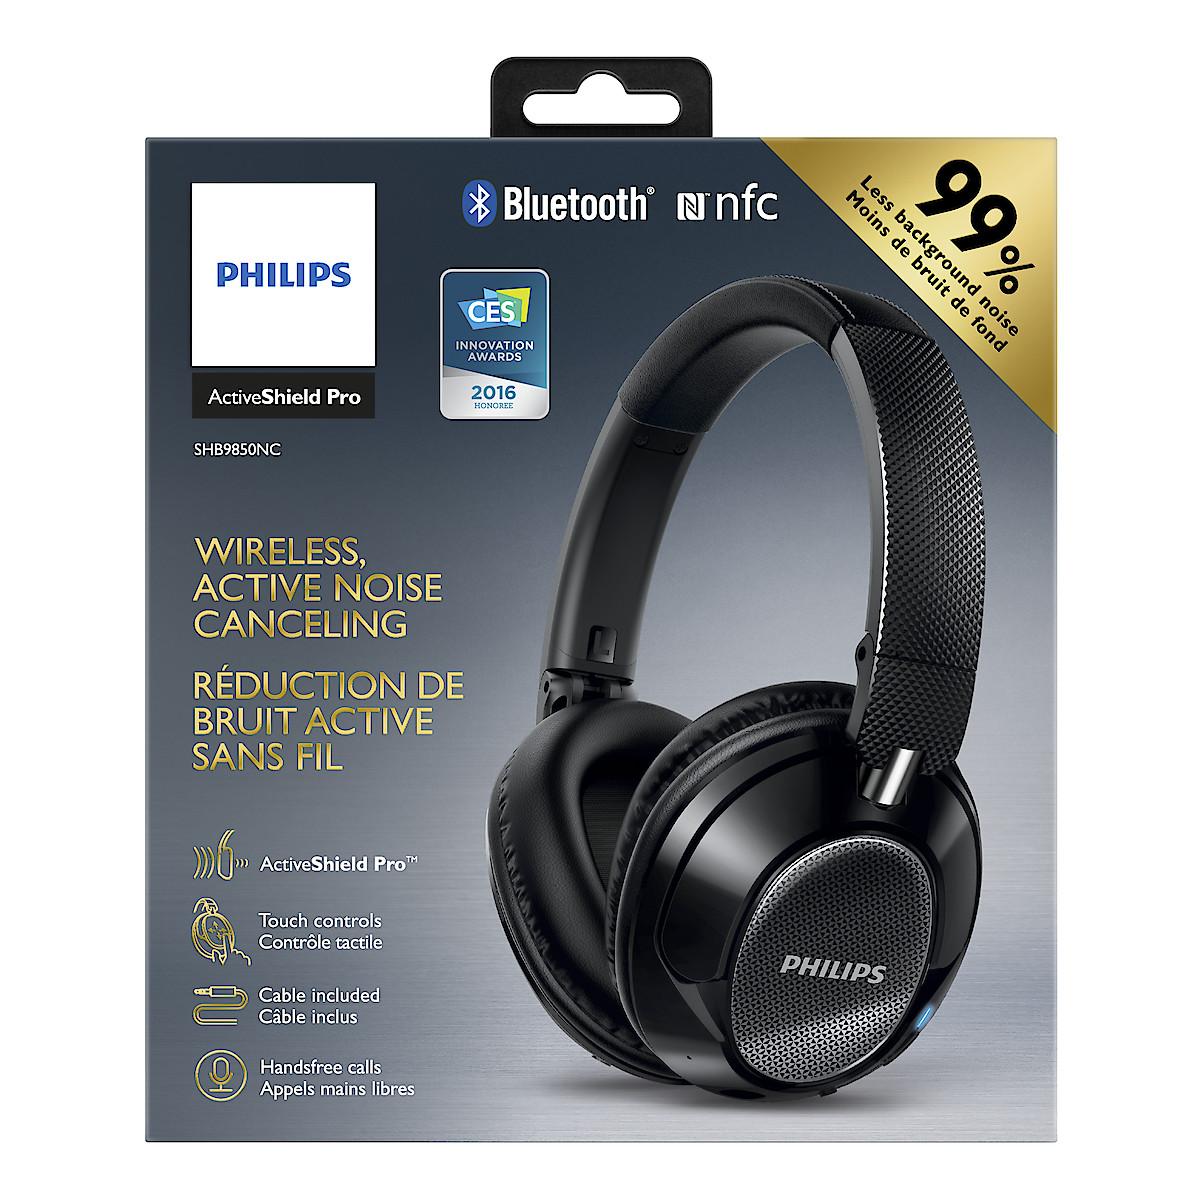 Trådlösa hörlurar med brusreducering Philips SHB9850NC